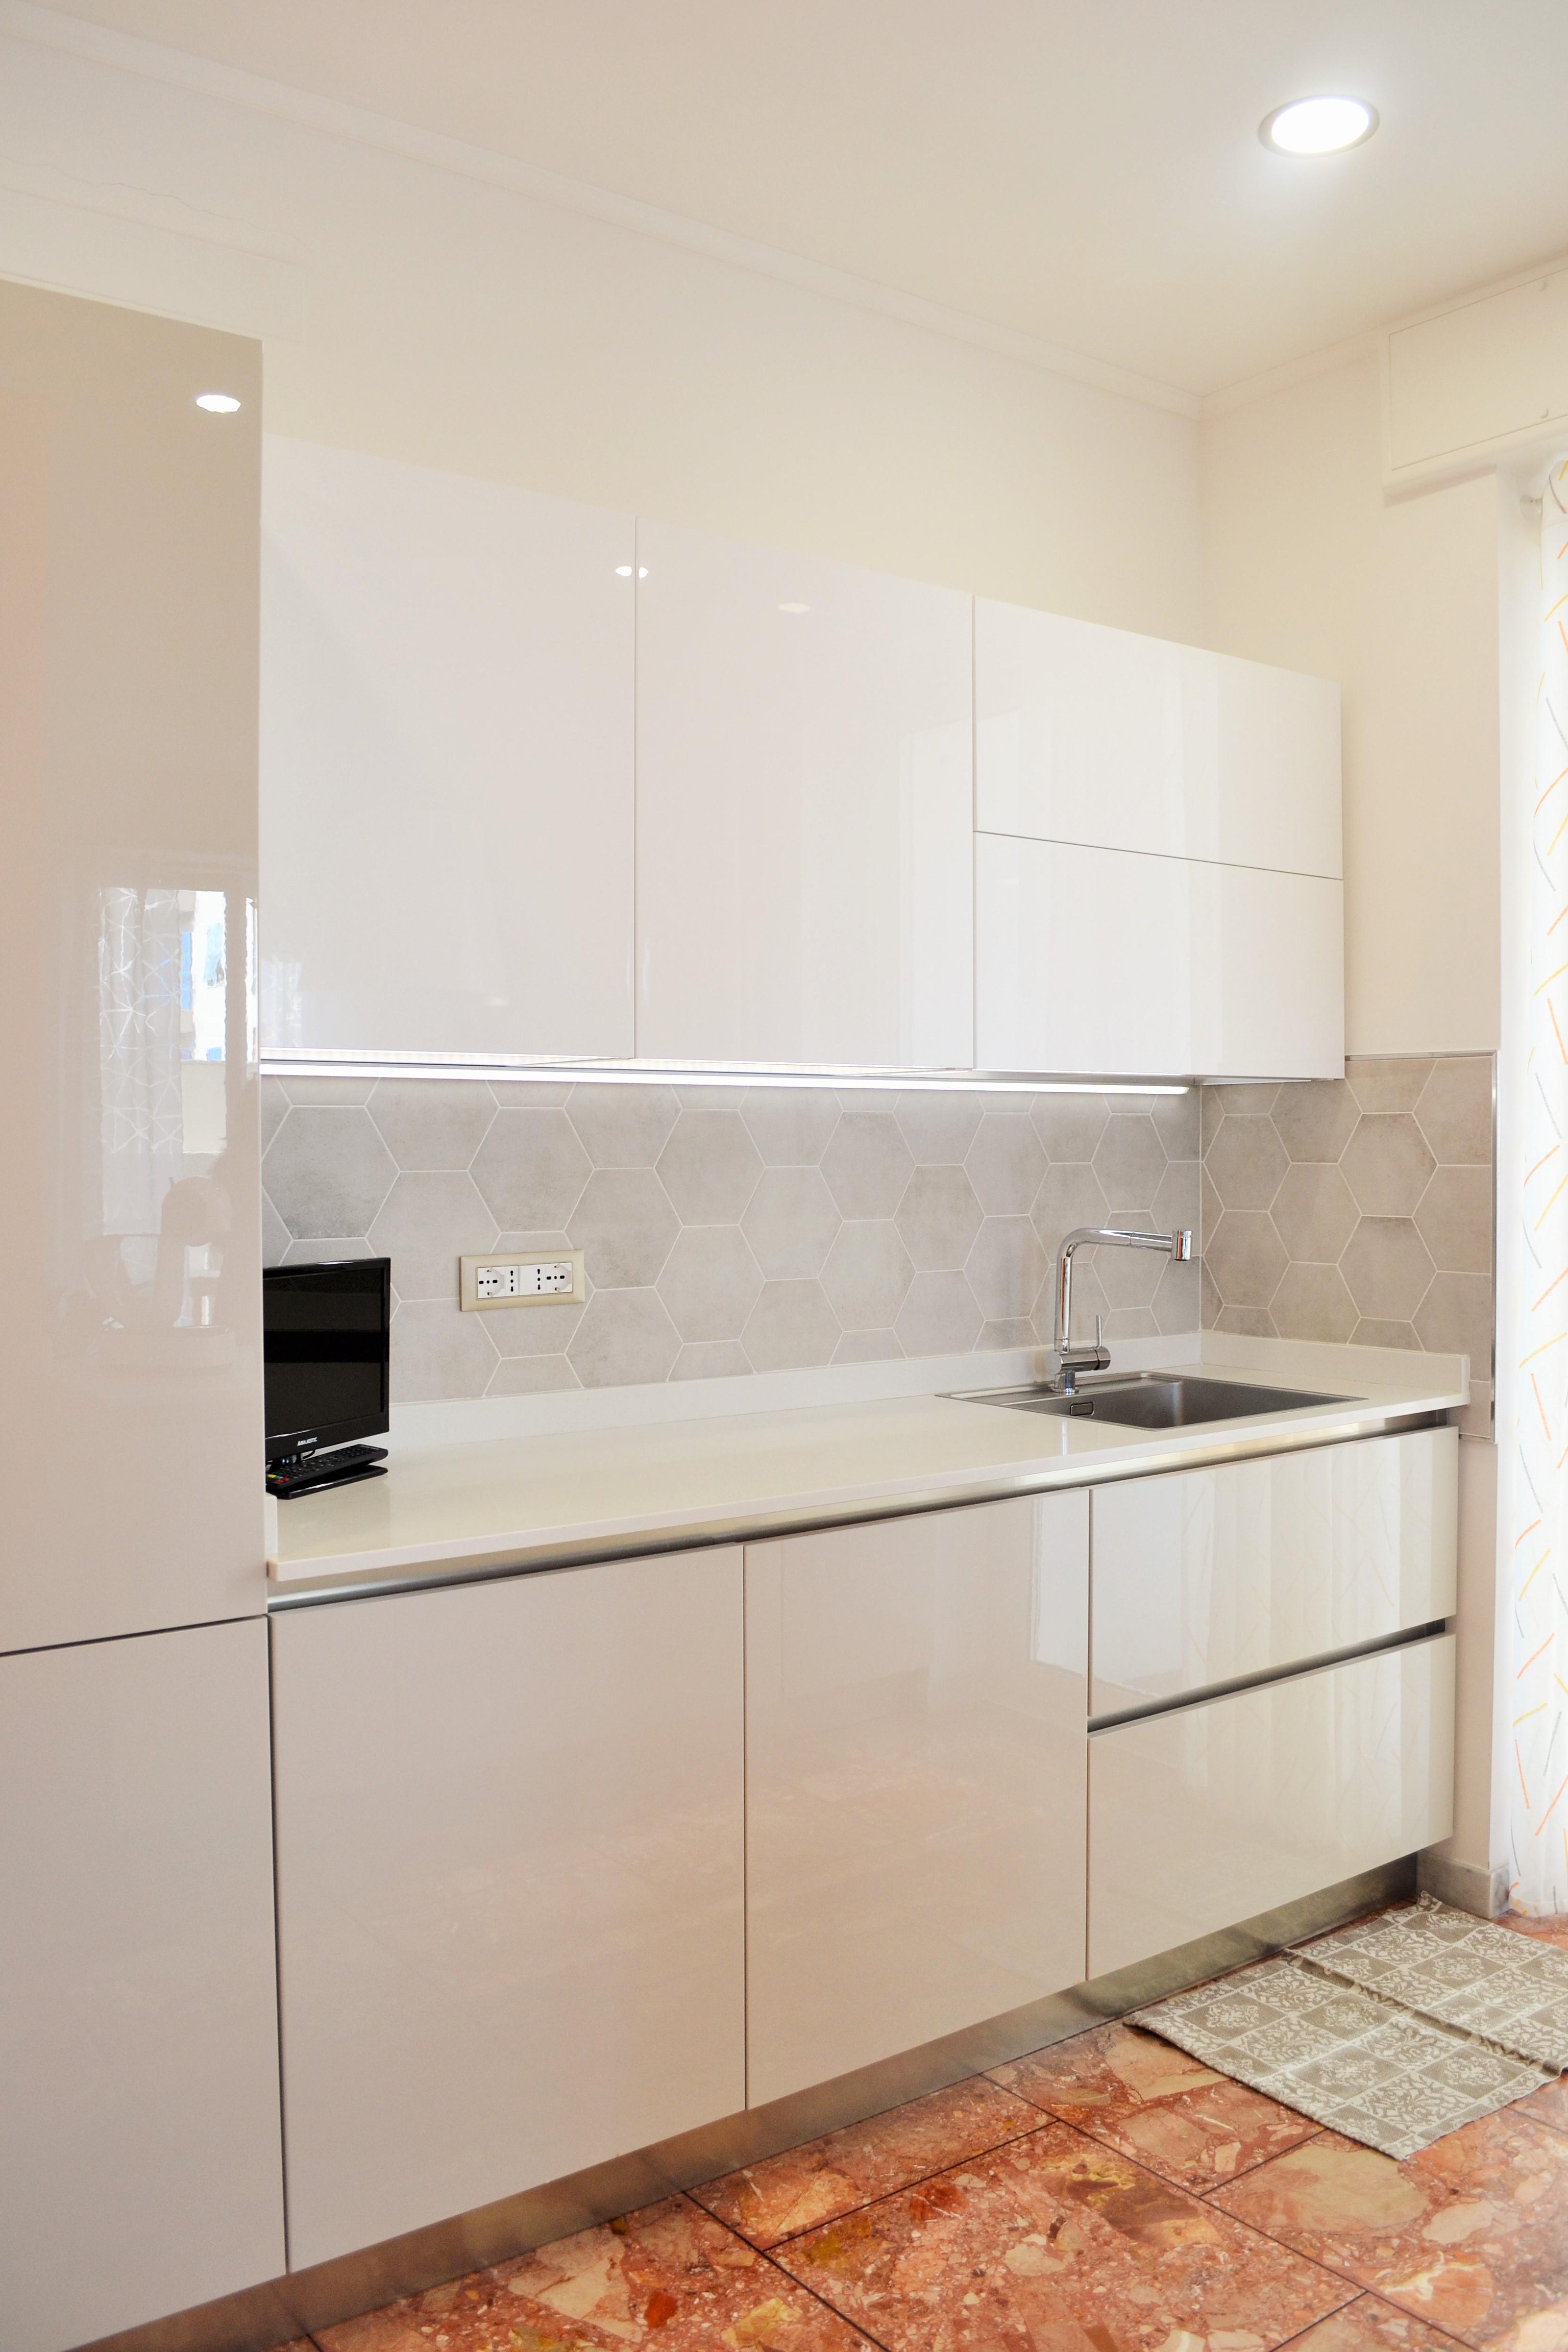 cucina-arredo3-piastrelle marazzi-centro dell'arredamento-savona